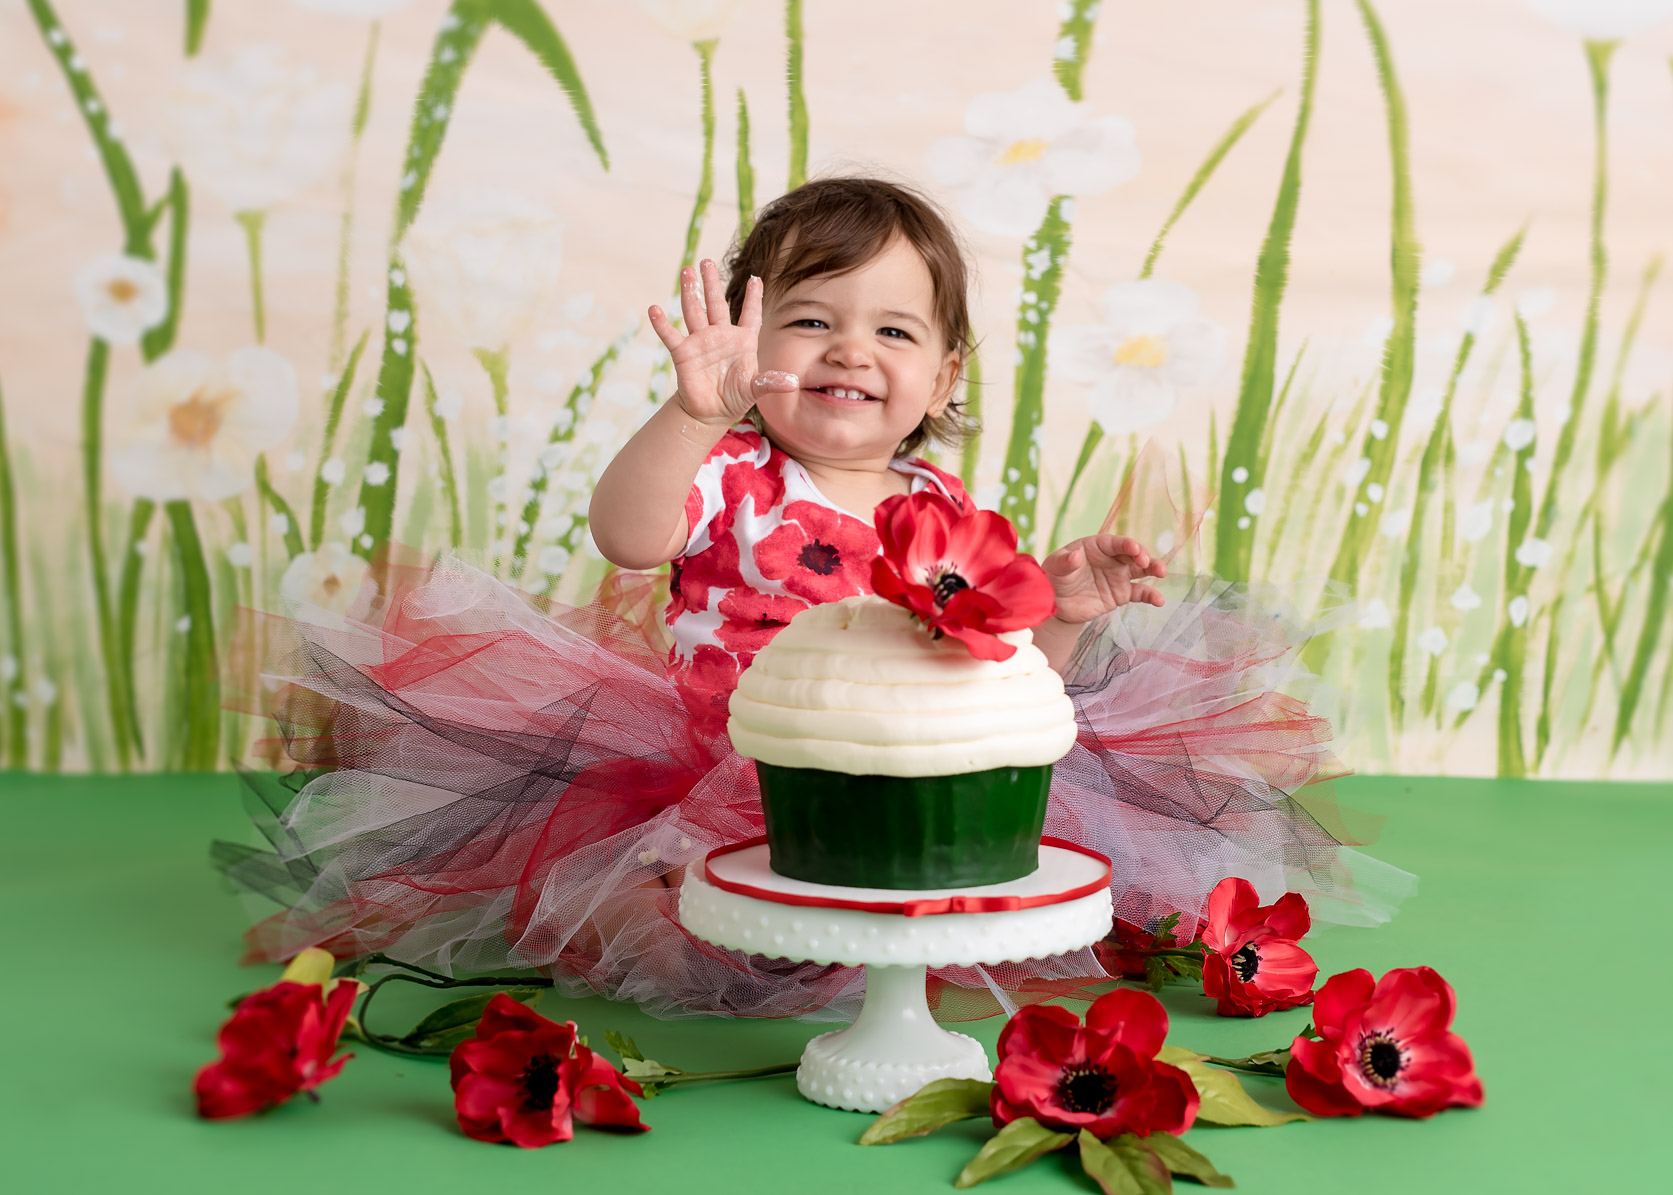 Cake Smash PoppyDSC_6475-Edit.jpg